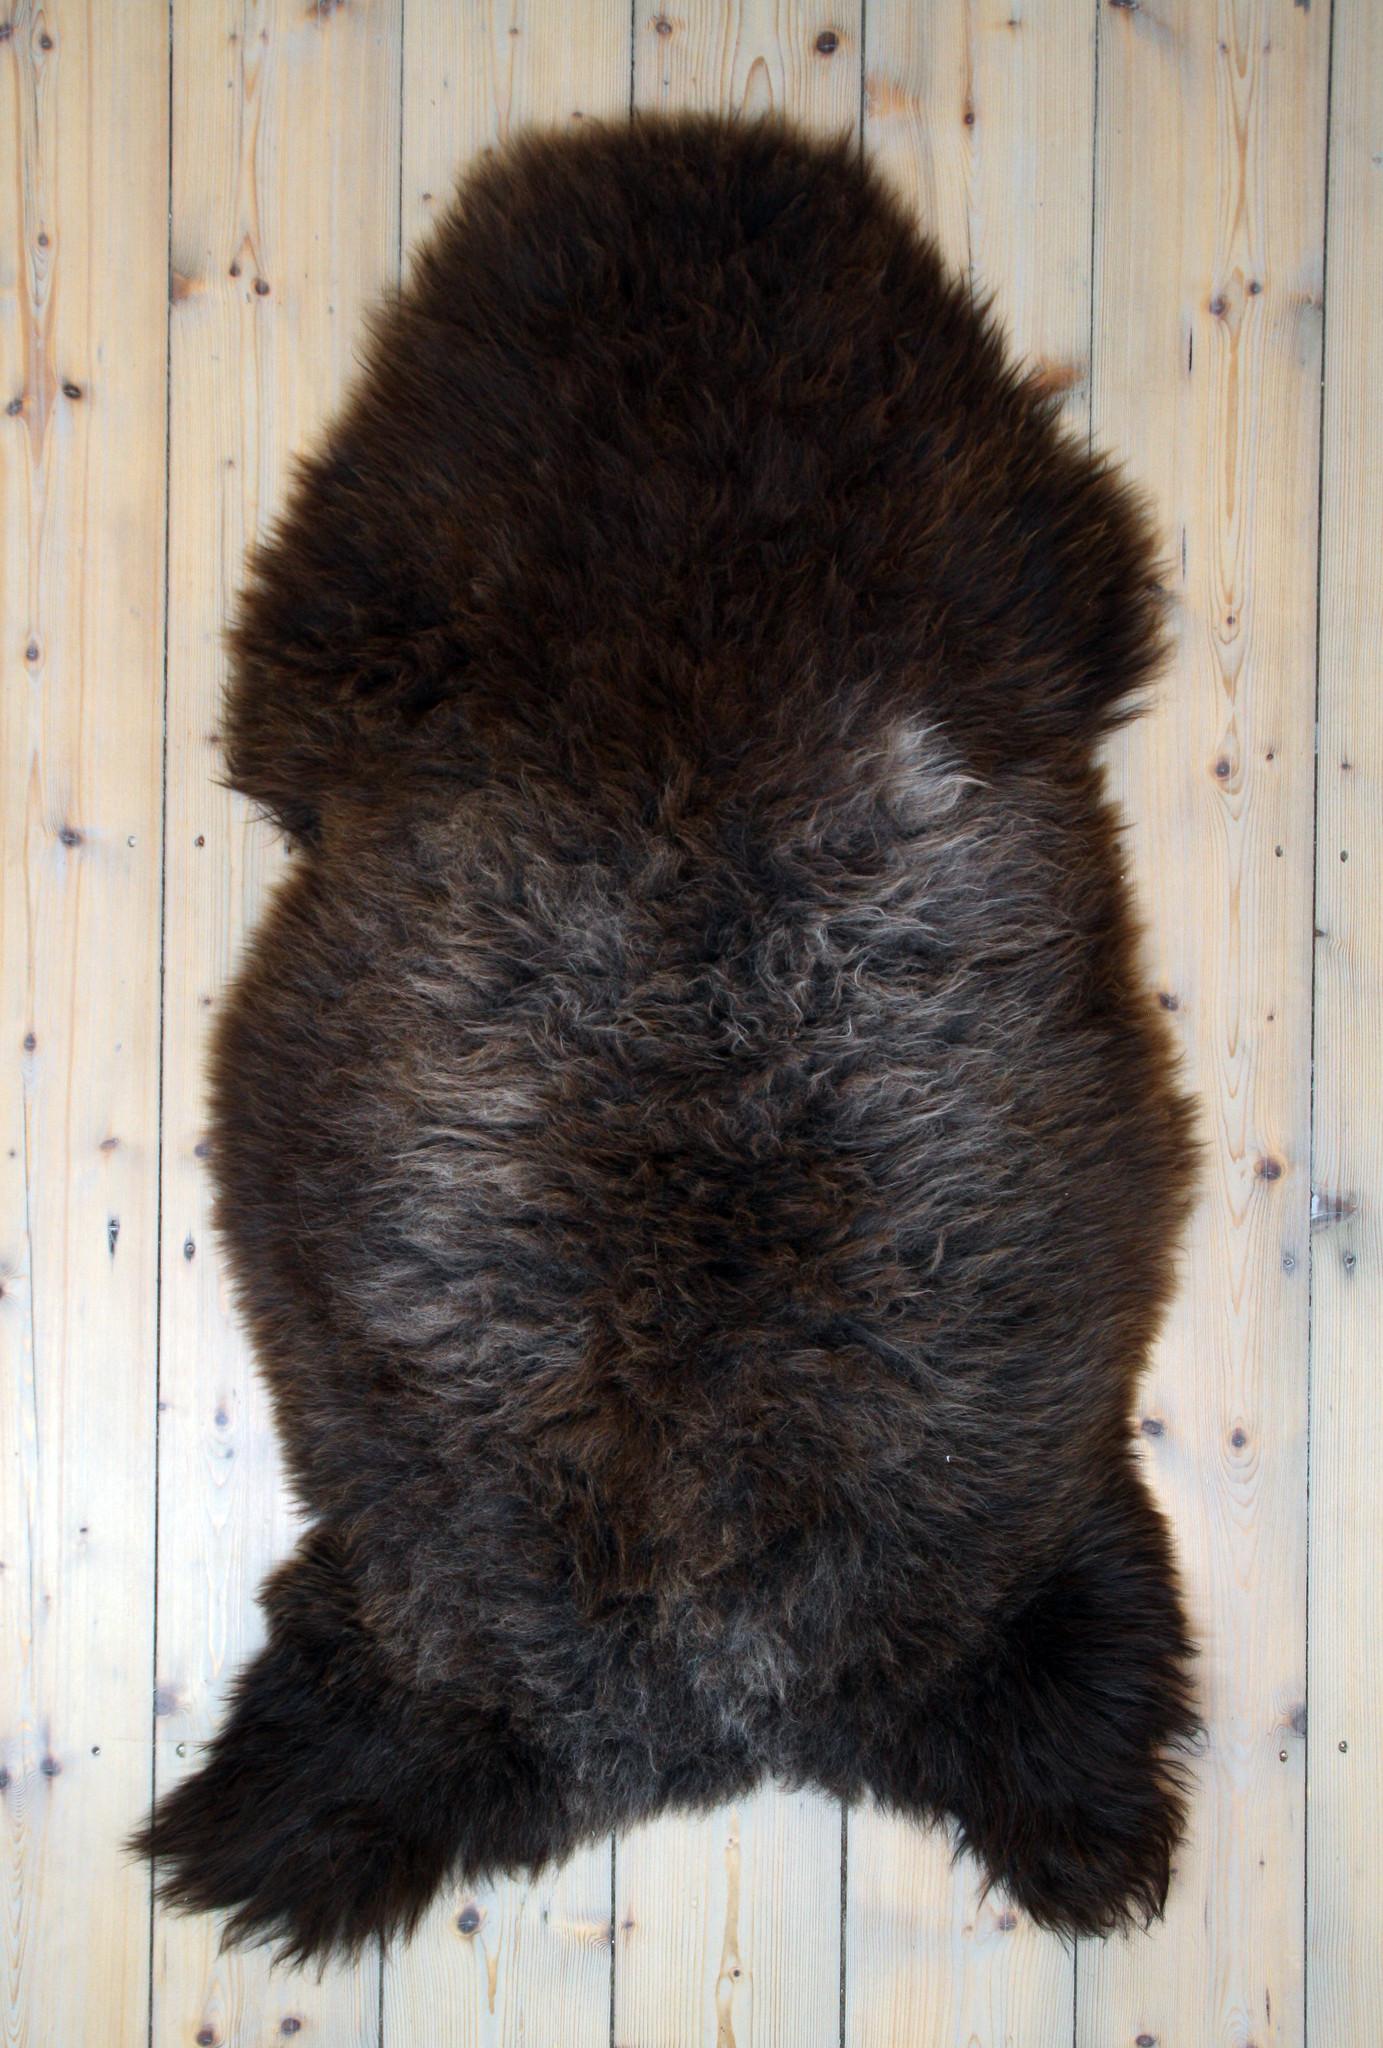 Van Buren Texels schapenvacht - uniek gefotografeerd - TX-036